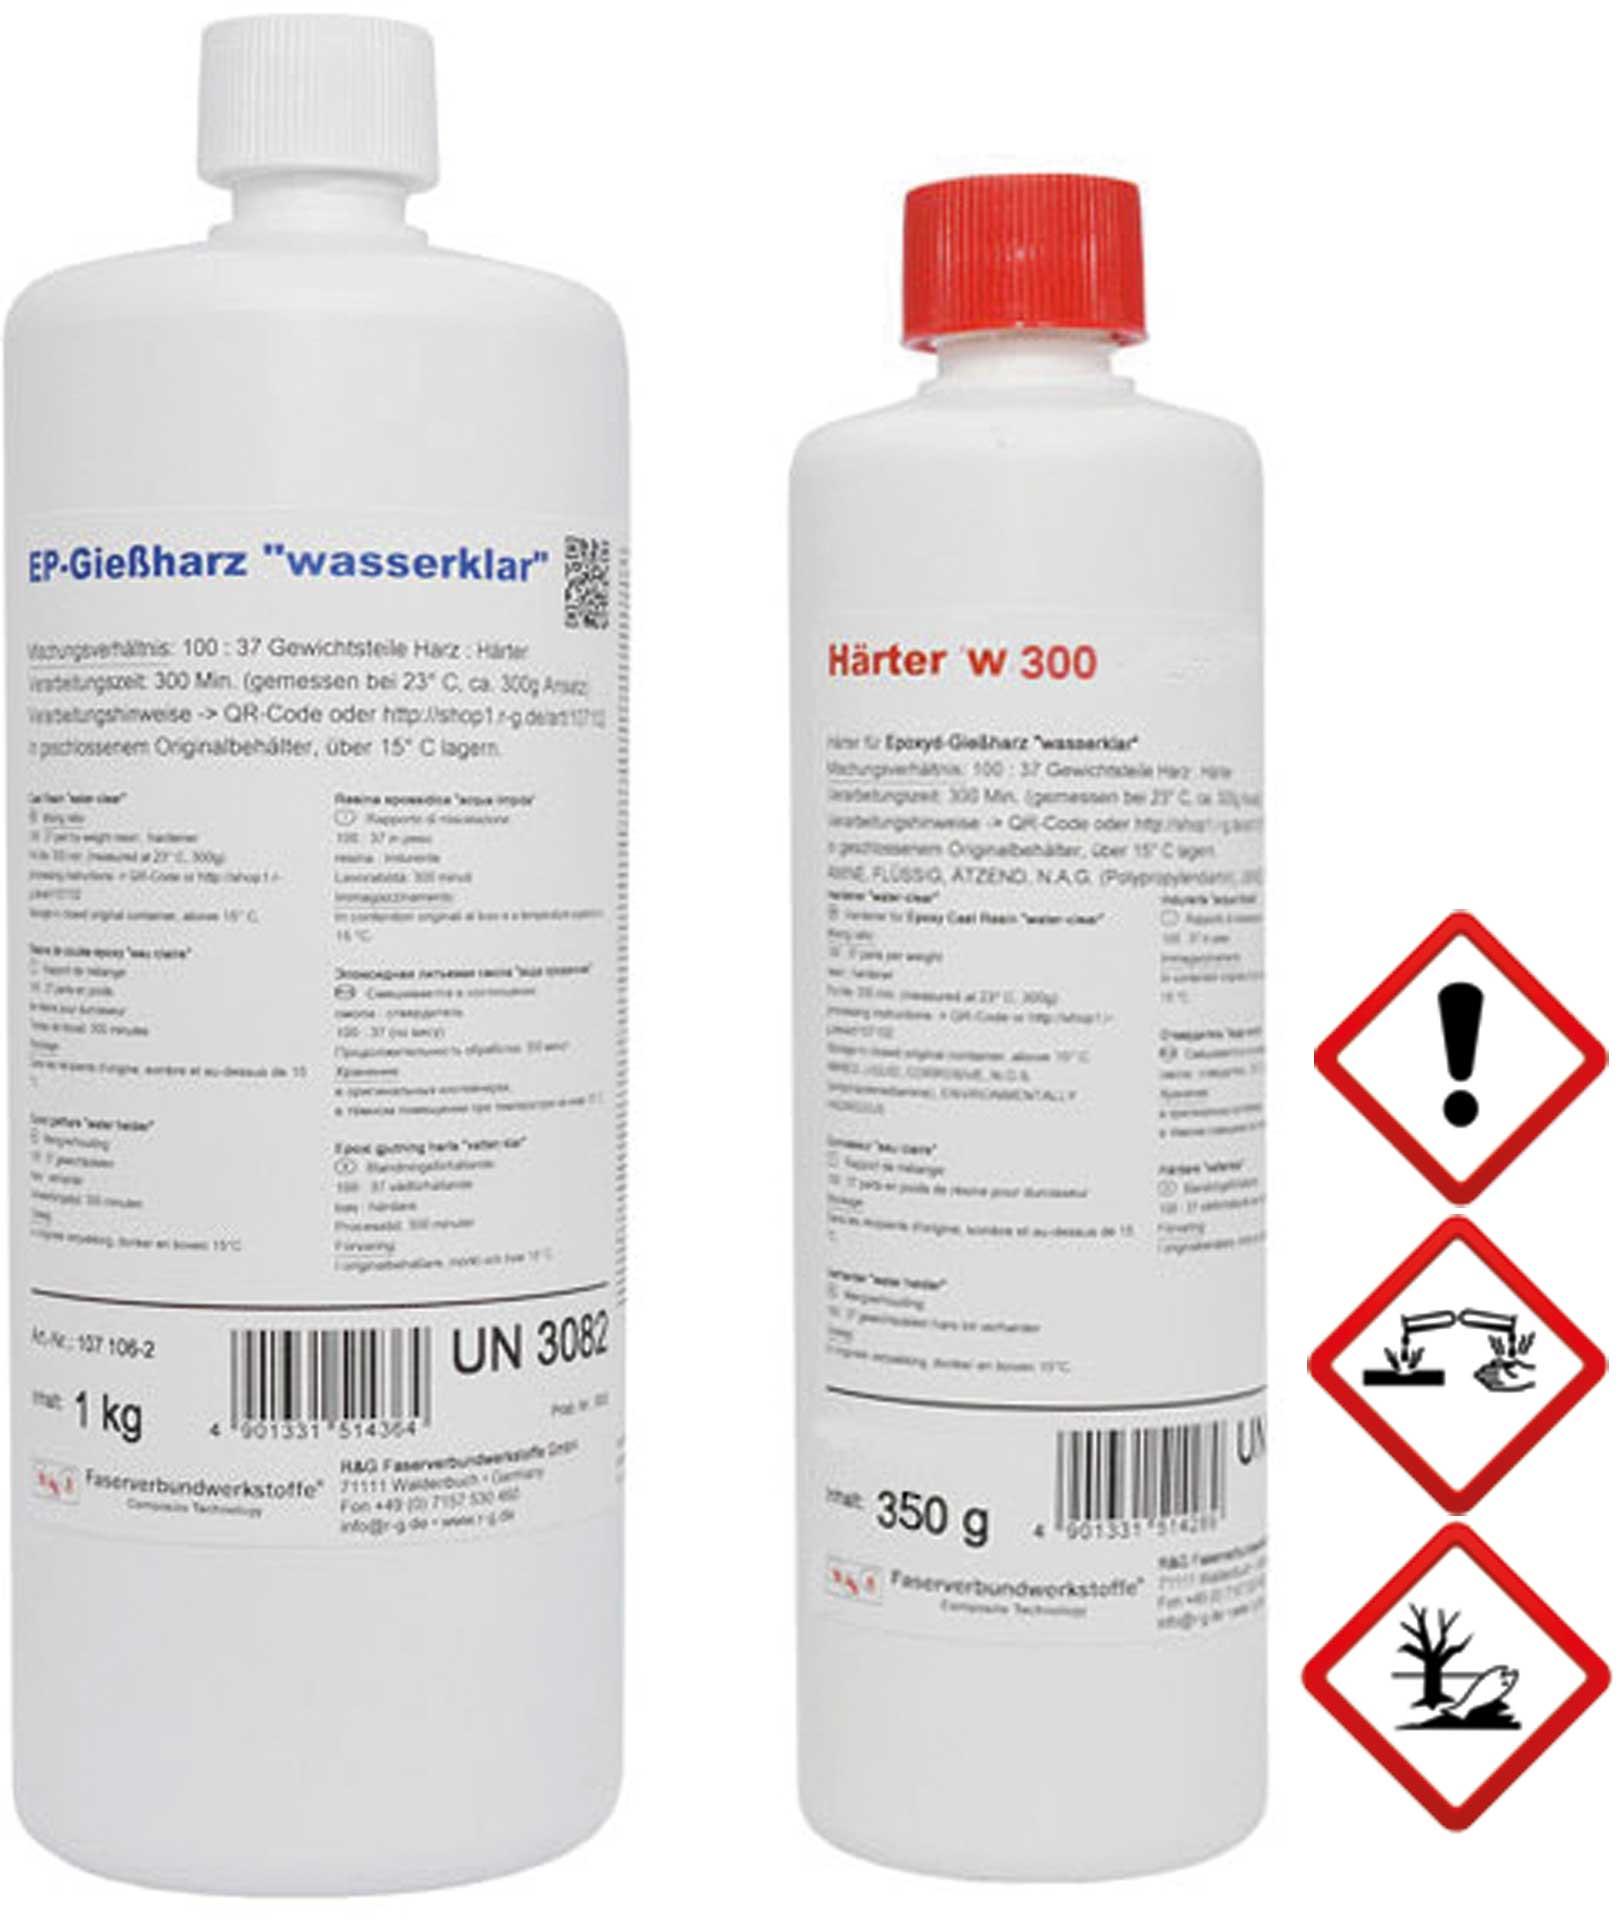 R&G Epoxid-Gießharz (wasserklar) + Härter W300, Packung/ 675 g